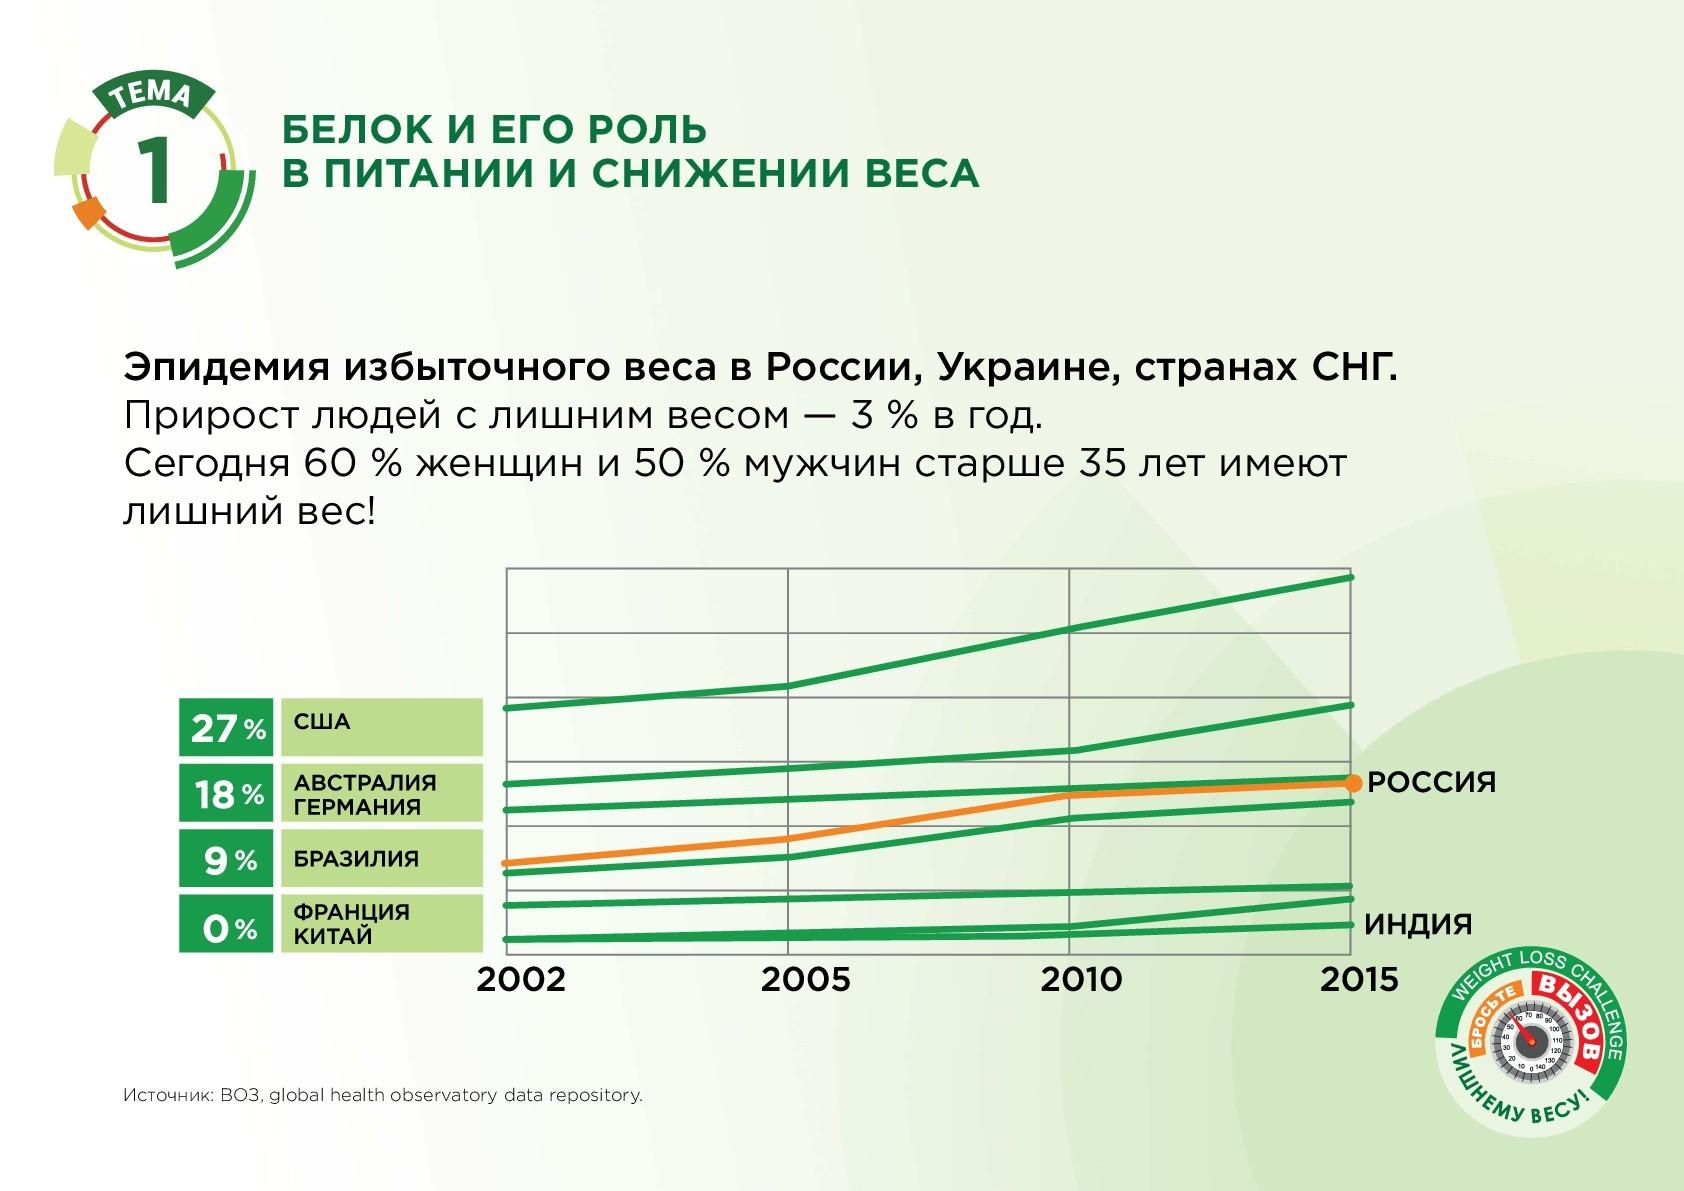 Эпидемия избыточного веса в России, Украине, странах СНГ